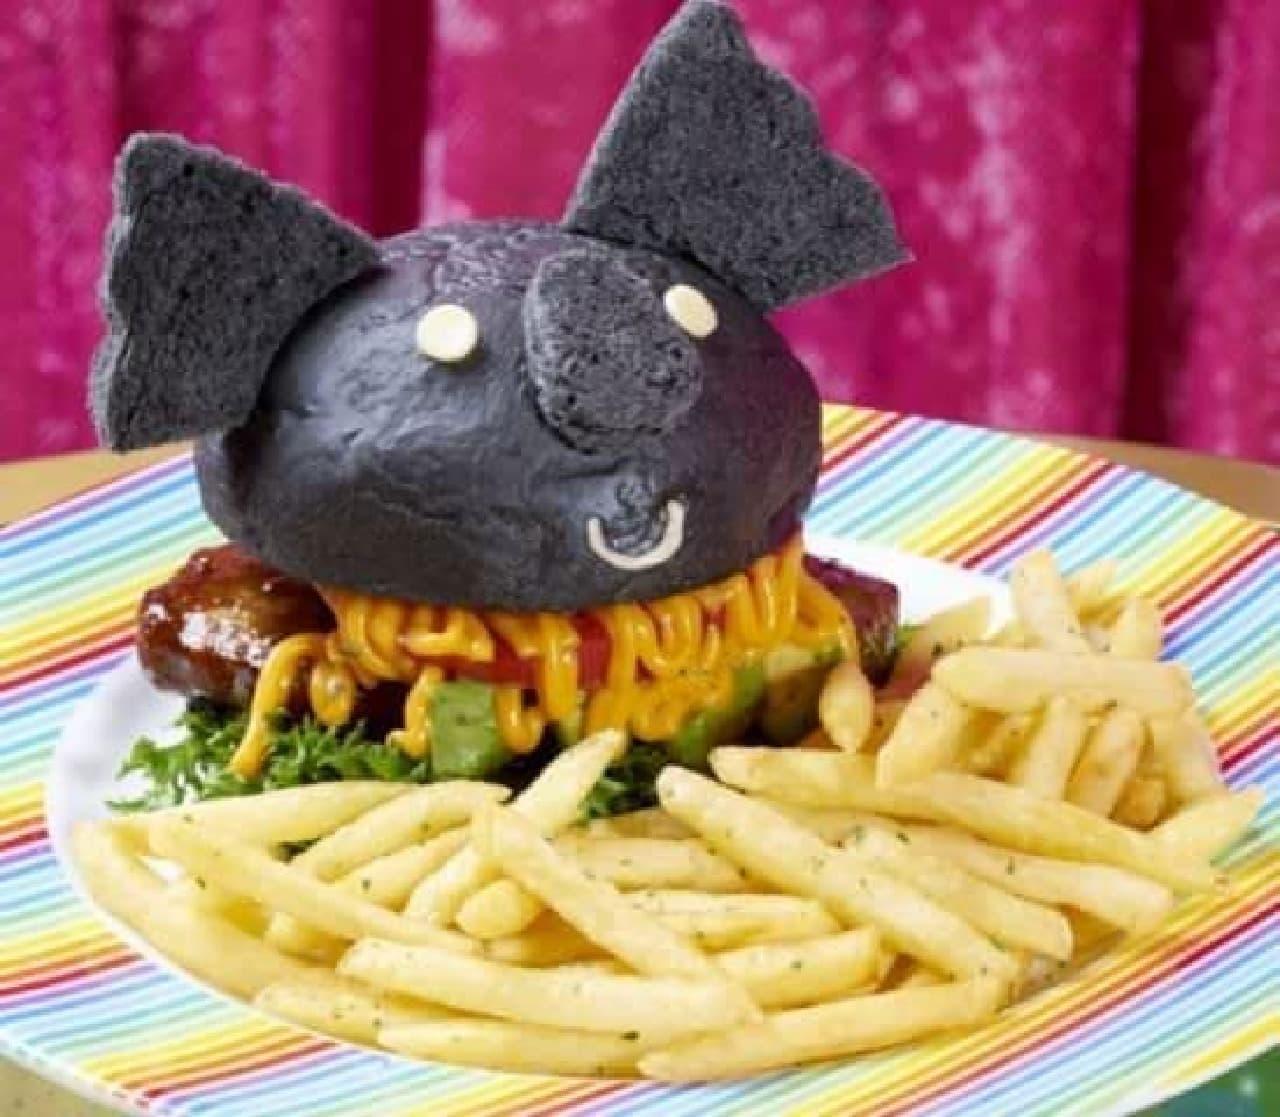 「ダークコアマーバーガーセット」は、黒いコアラのマーチがバーガーになったメニュー